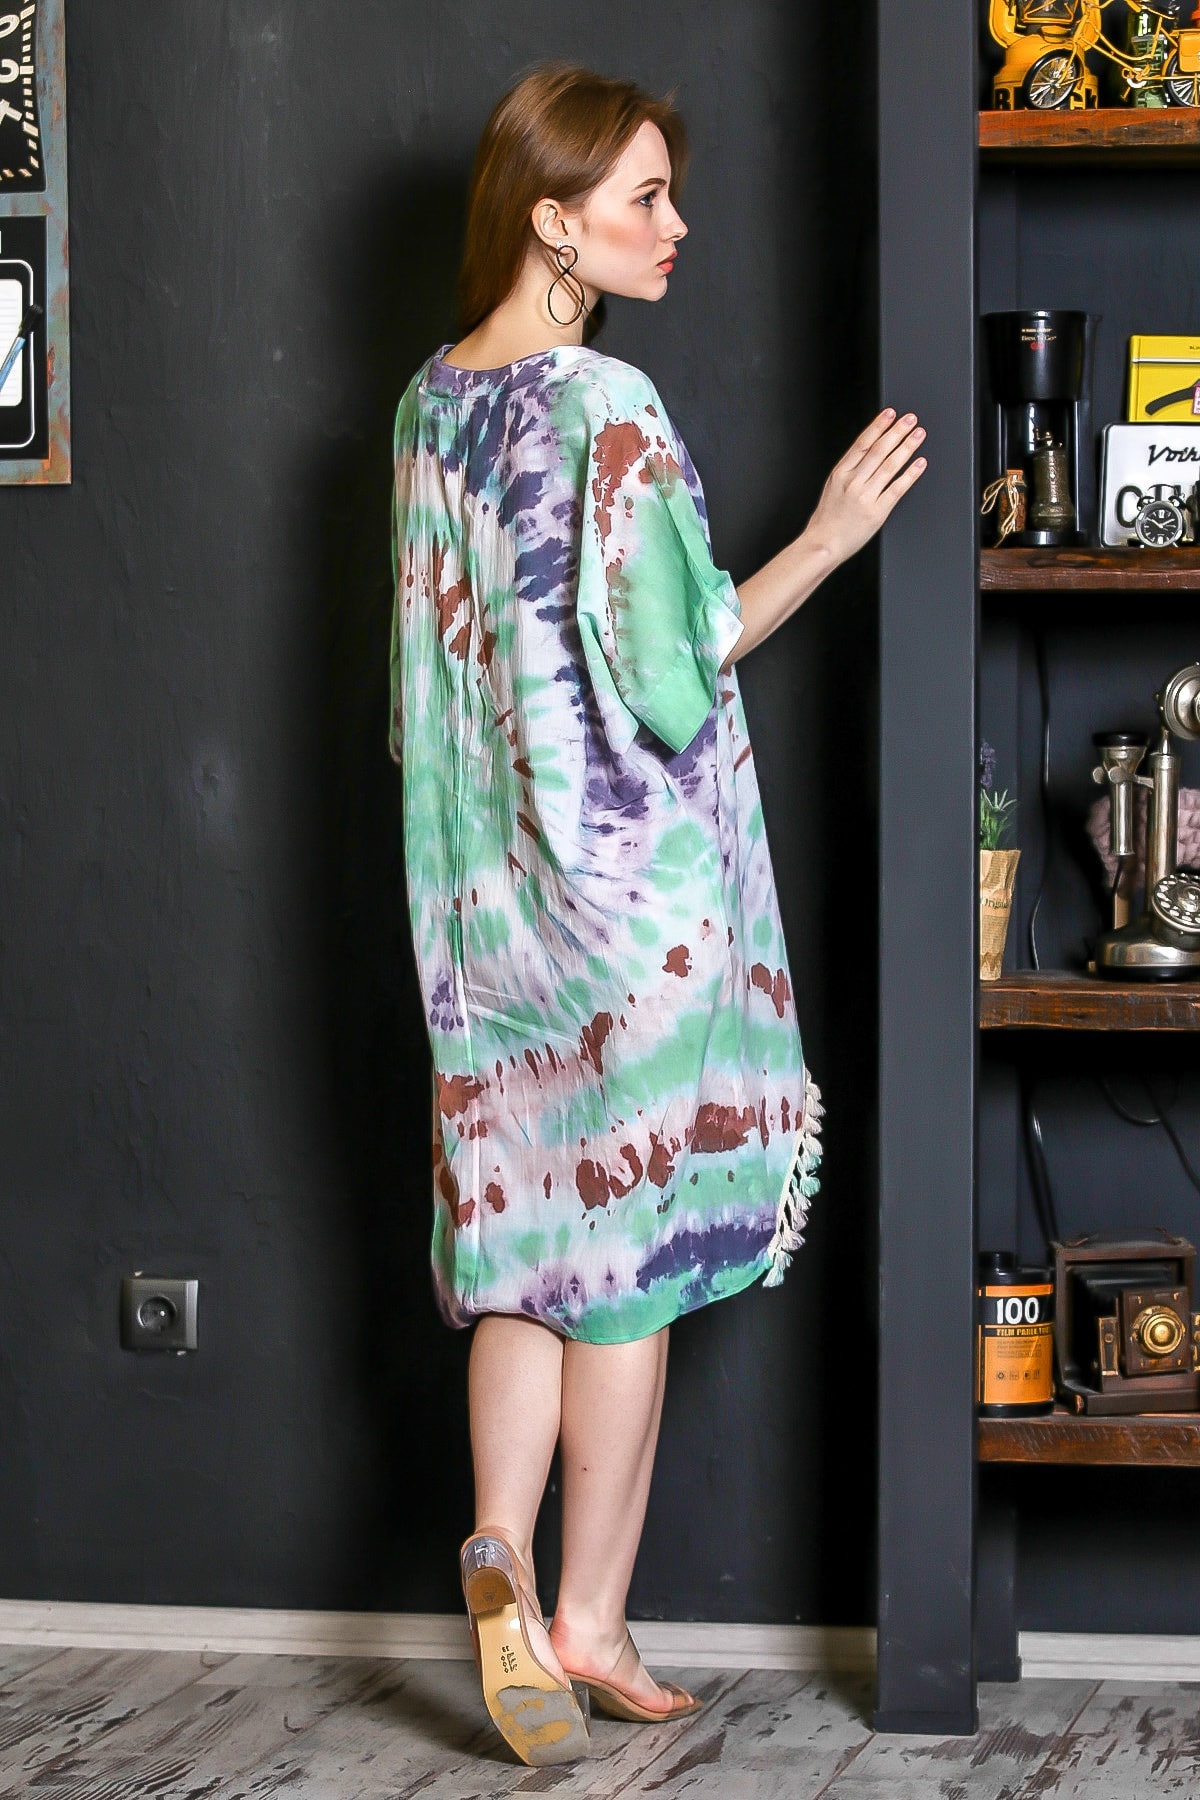 Chiccy Kadın Yeşil Patı Düğmeli Etek Ucu Püsküllü Batik Desen Salaş Elbise M10160000EL95224 4